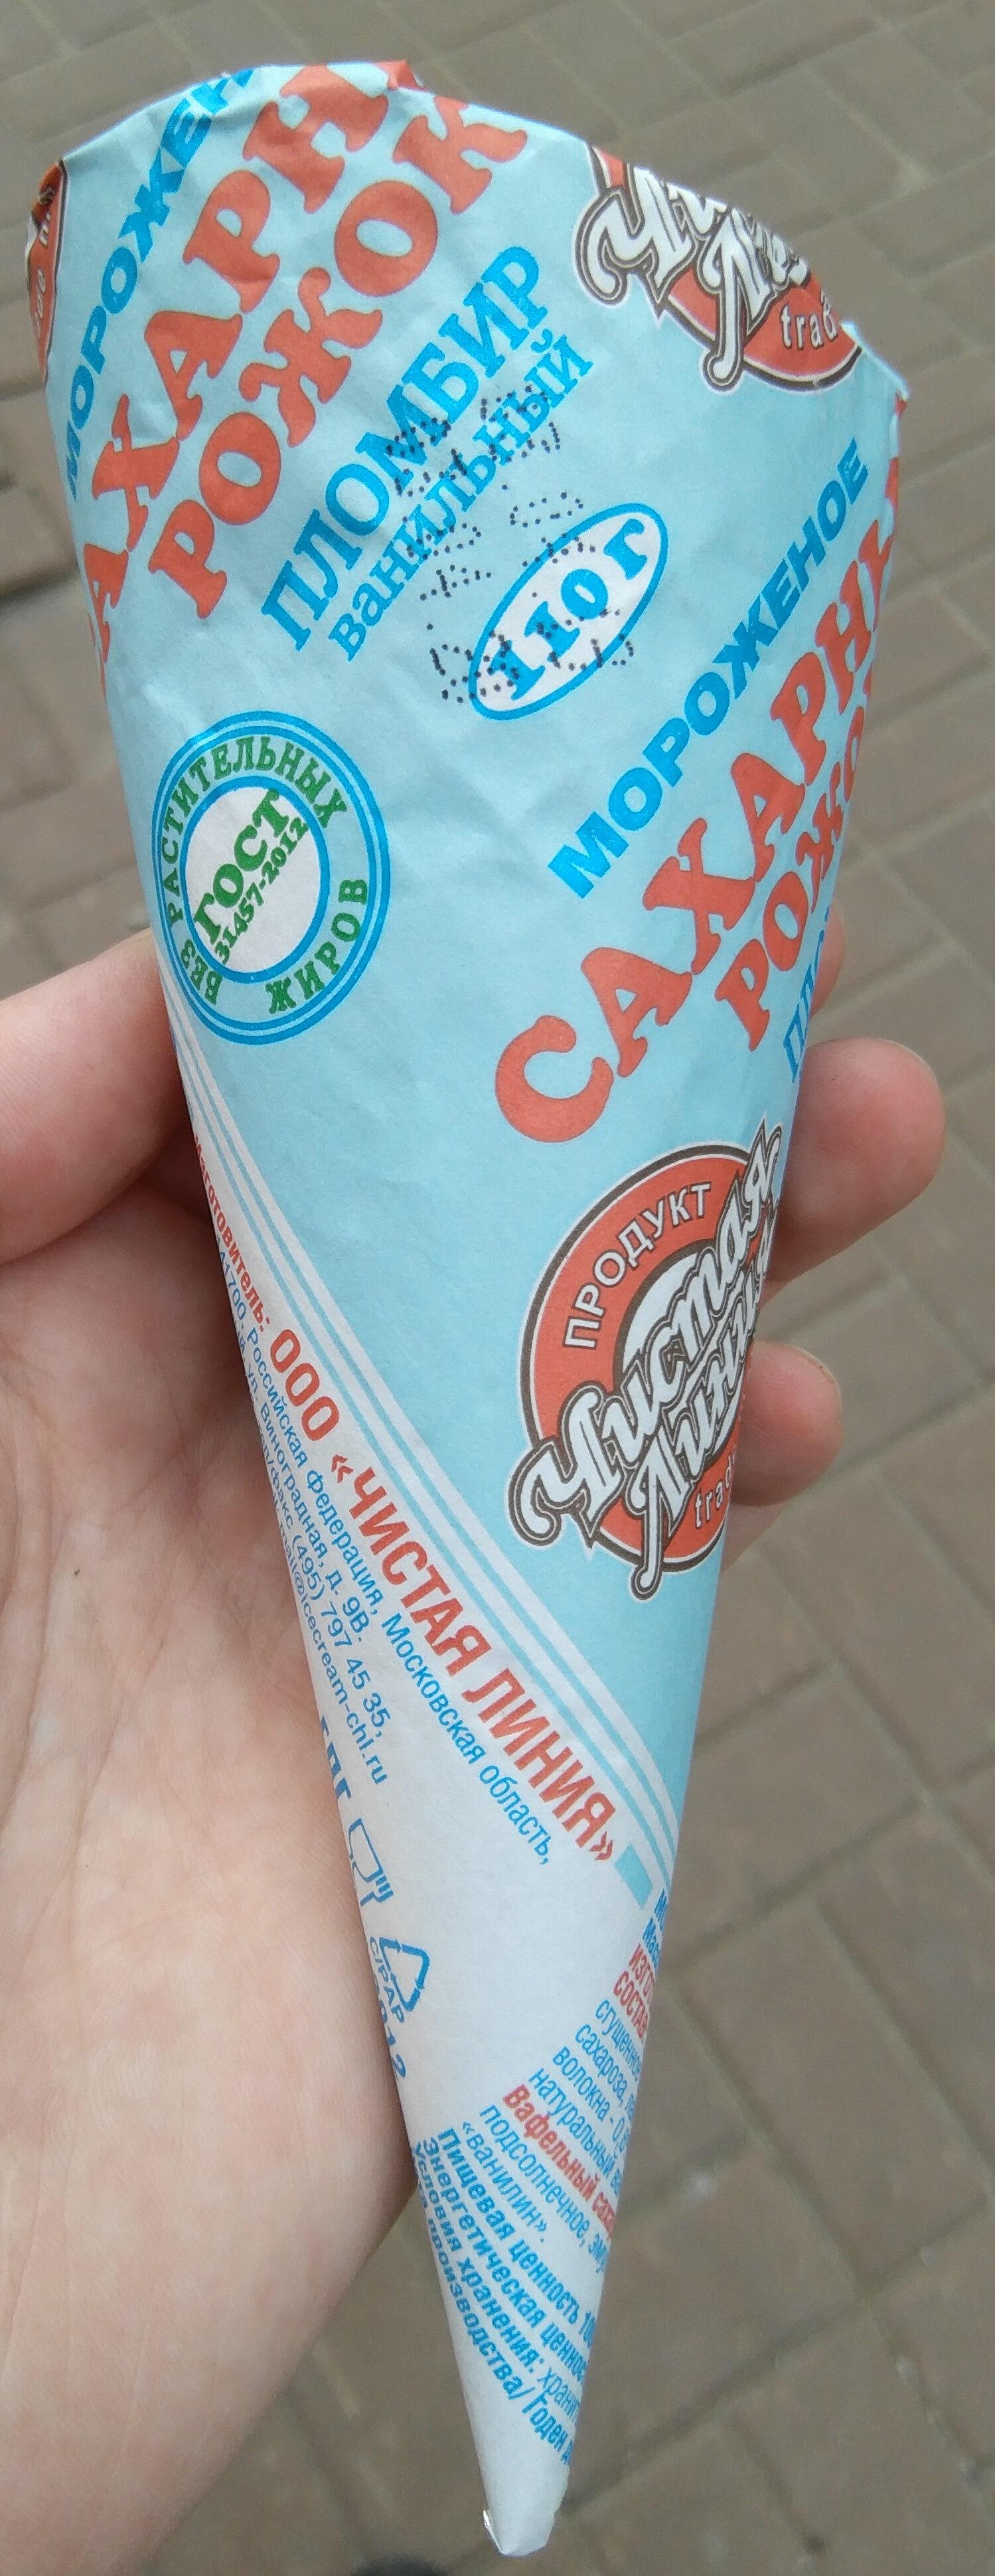 Мороженое пломбир ванильный в вафельном сахарном рожке - Produit